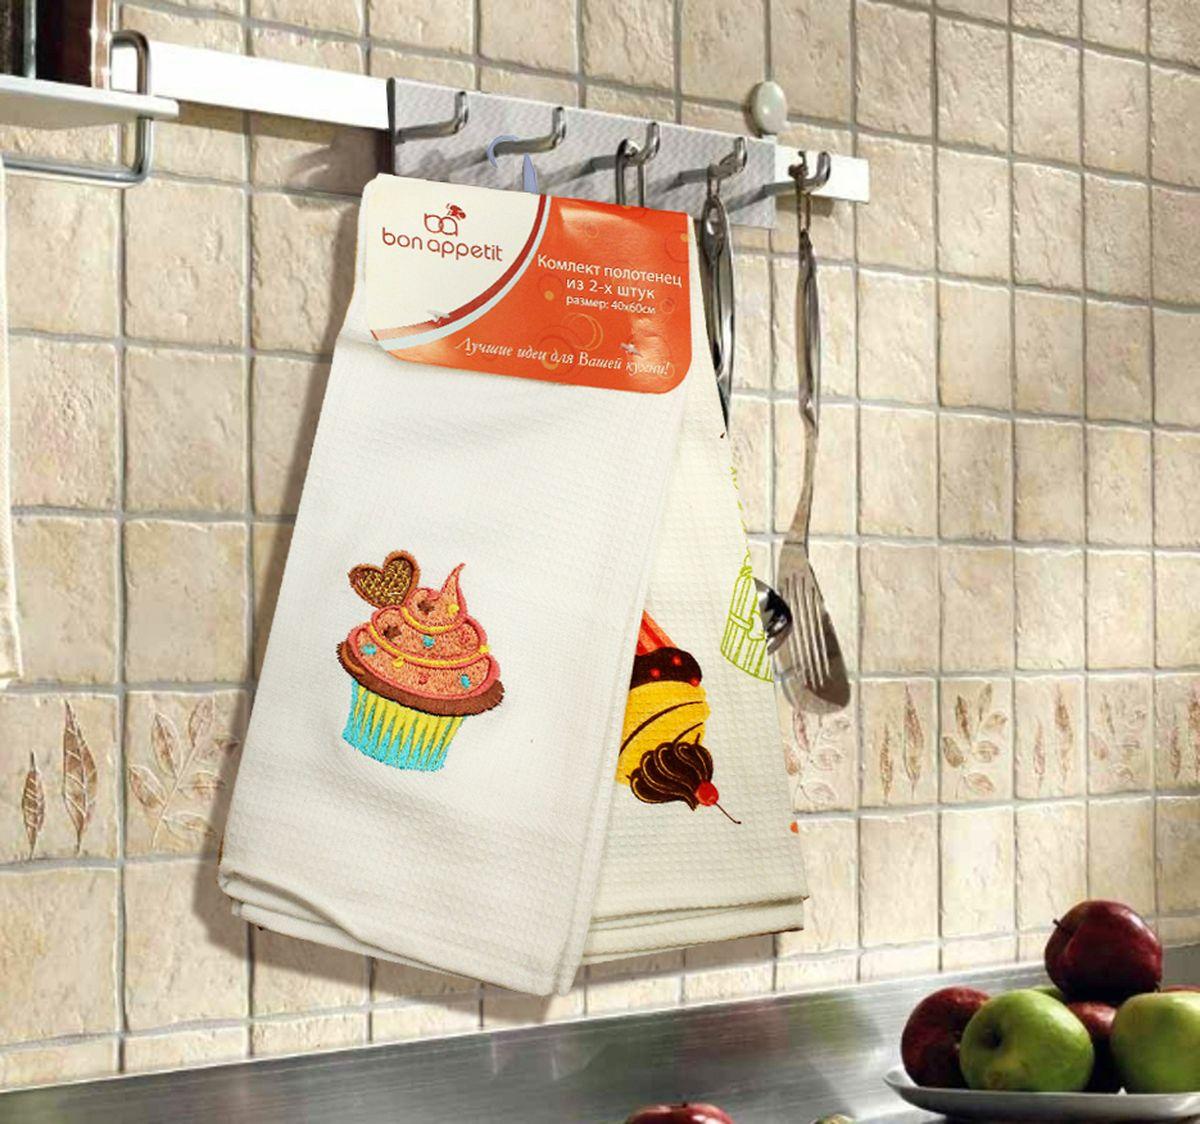 Набор кухонных полотенец Bon Appetit Cake, цвет: синий, 2 шт531-401Кухонные полотенца Bon Appetit Cake идеально дополнят интерьер вашей кухни и создадут атмосферу уюта и комфорта. Полотенца выполнены из натурального 100% хлопка, поэтому являются экологически чистыми. Качество материала гарантирует безопасность не только взрослых, но и самых маленьких членов семьи.Размер полотенца: 40 х 60 см. В комплекте: 2 полотенца.